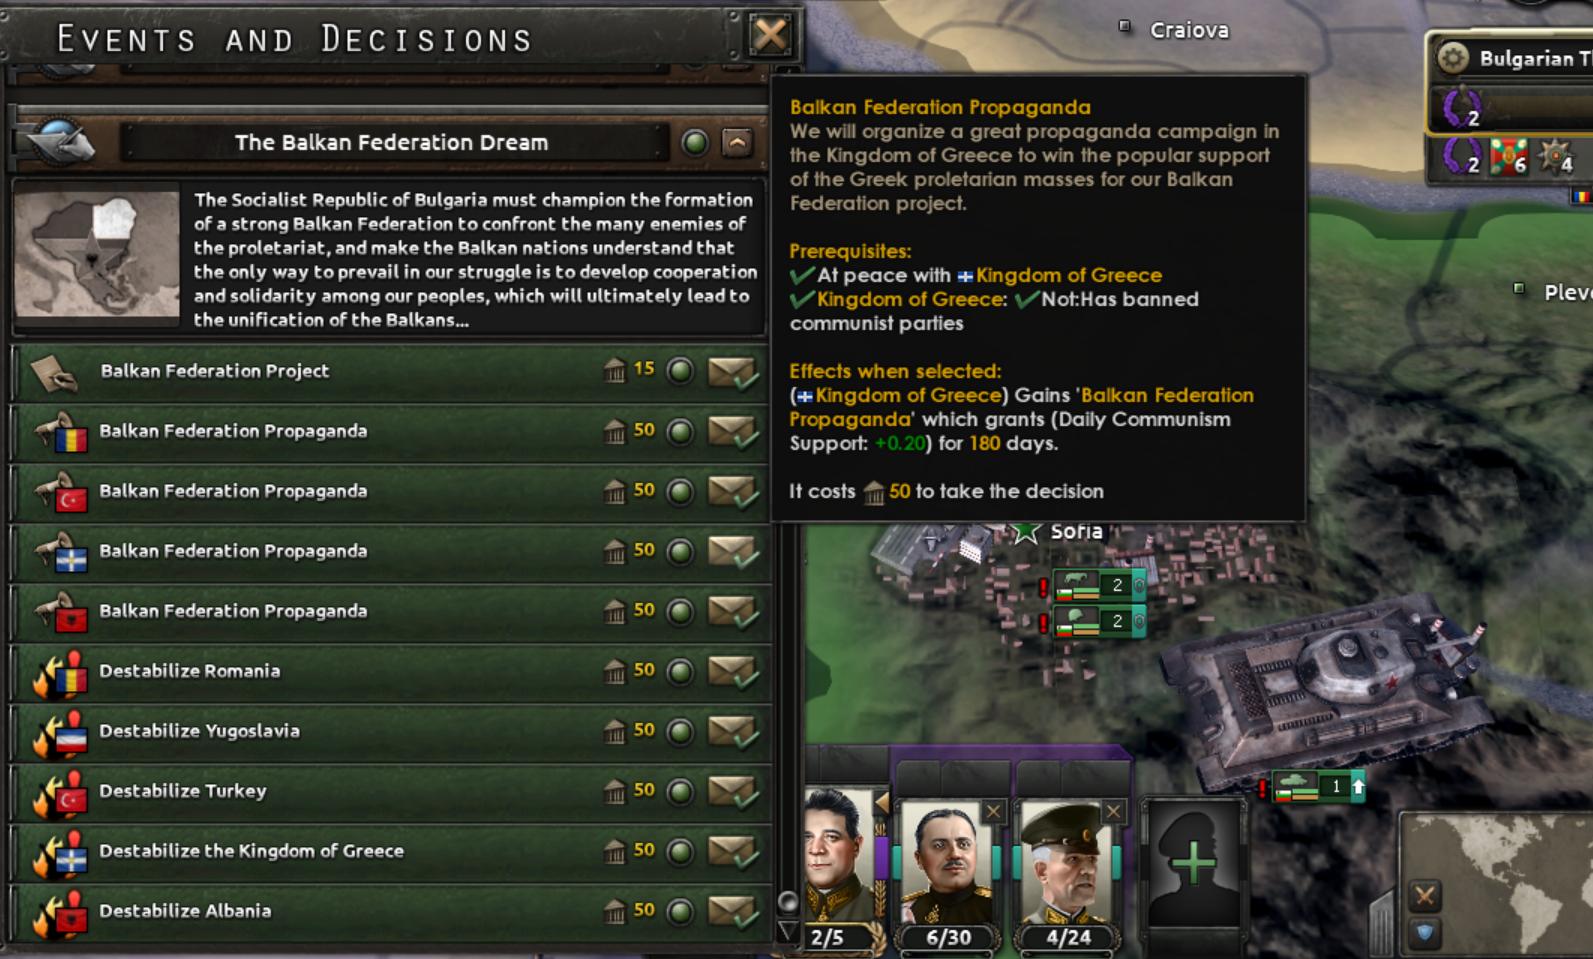 27_Balkan_Federation_Decisions.png